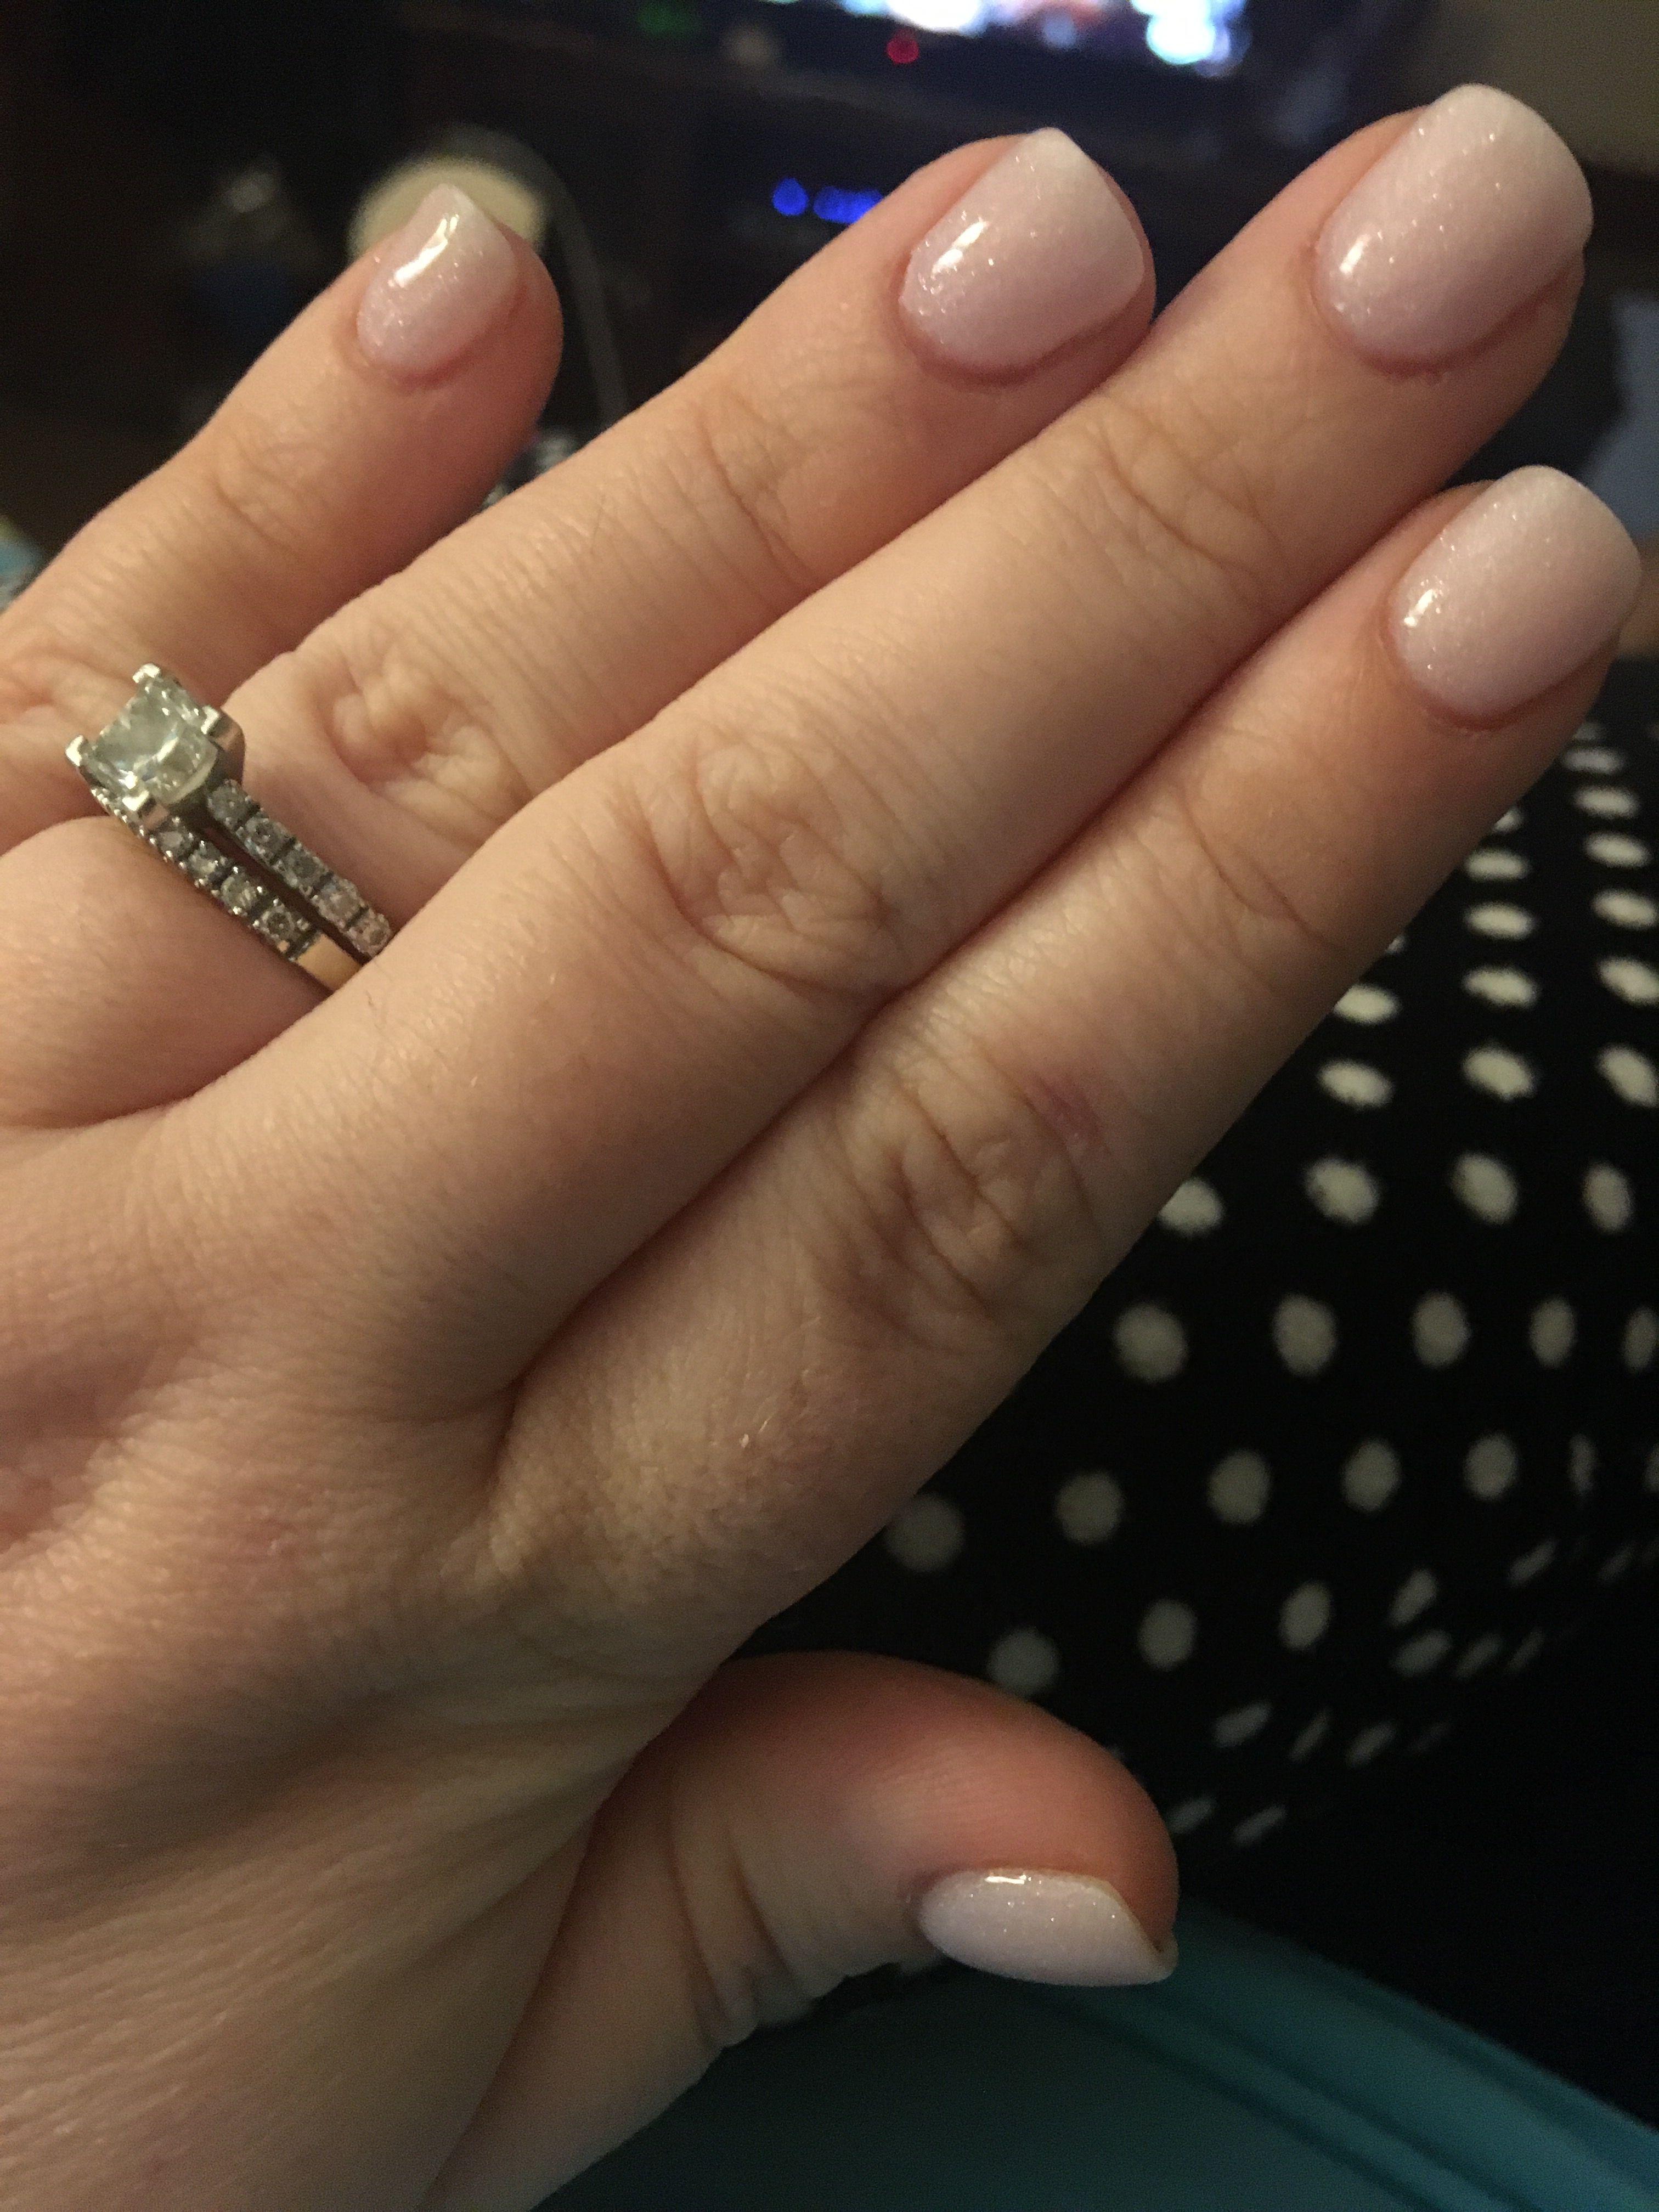 Blushing Bride Sns Powder At Icolor Nail Bar Belmont Nc Sns Nails Colors Nail Polish Sns Nails